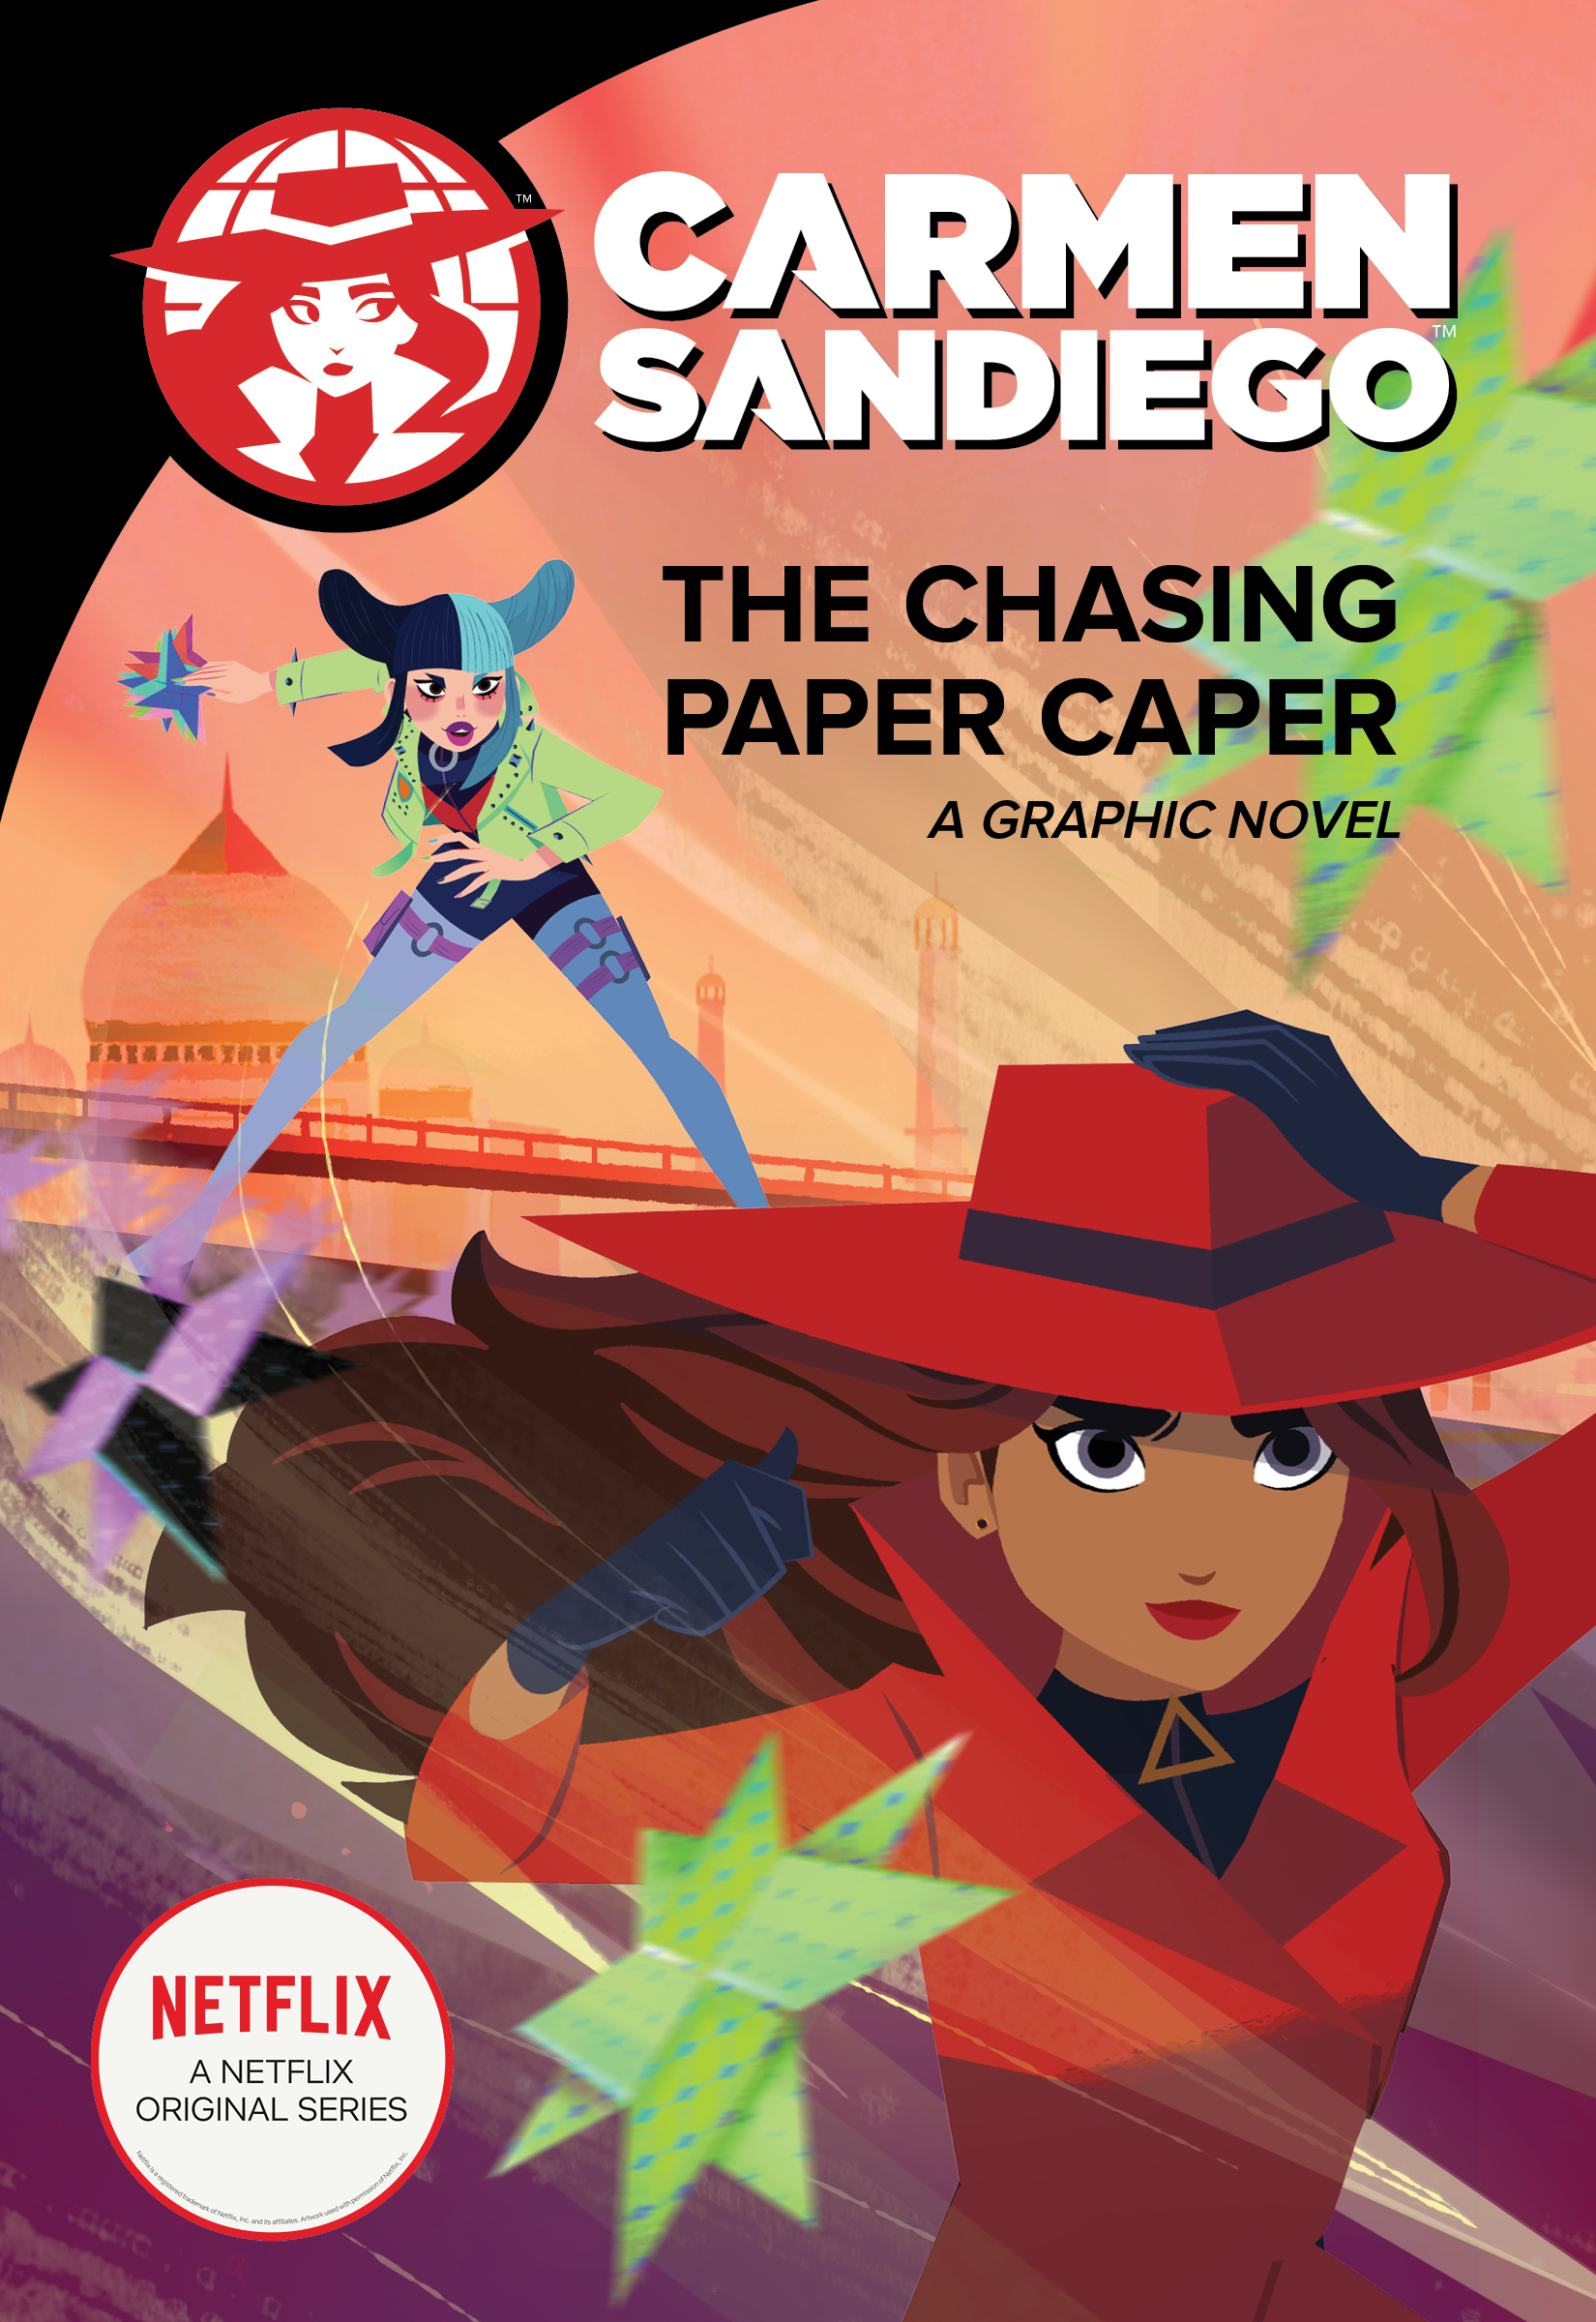 The Chasing Paper Caper (book)